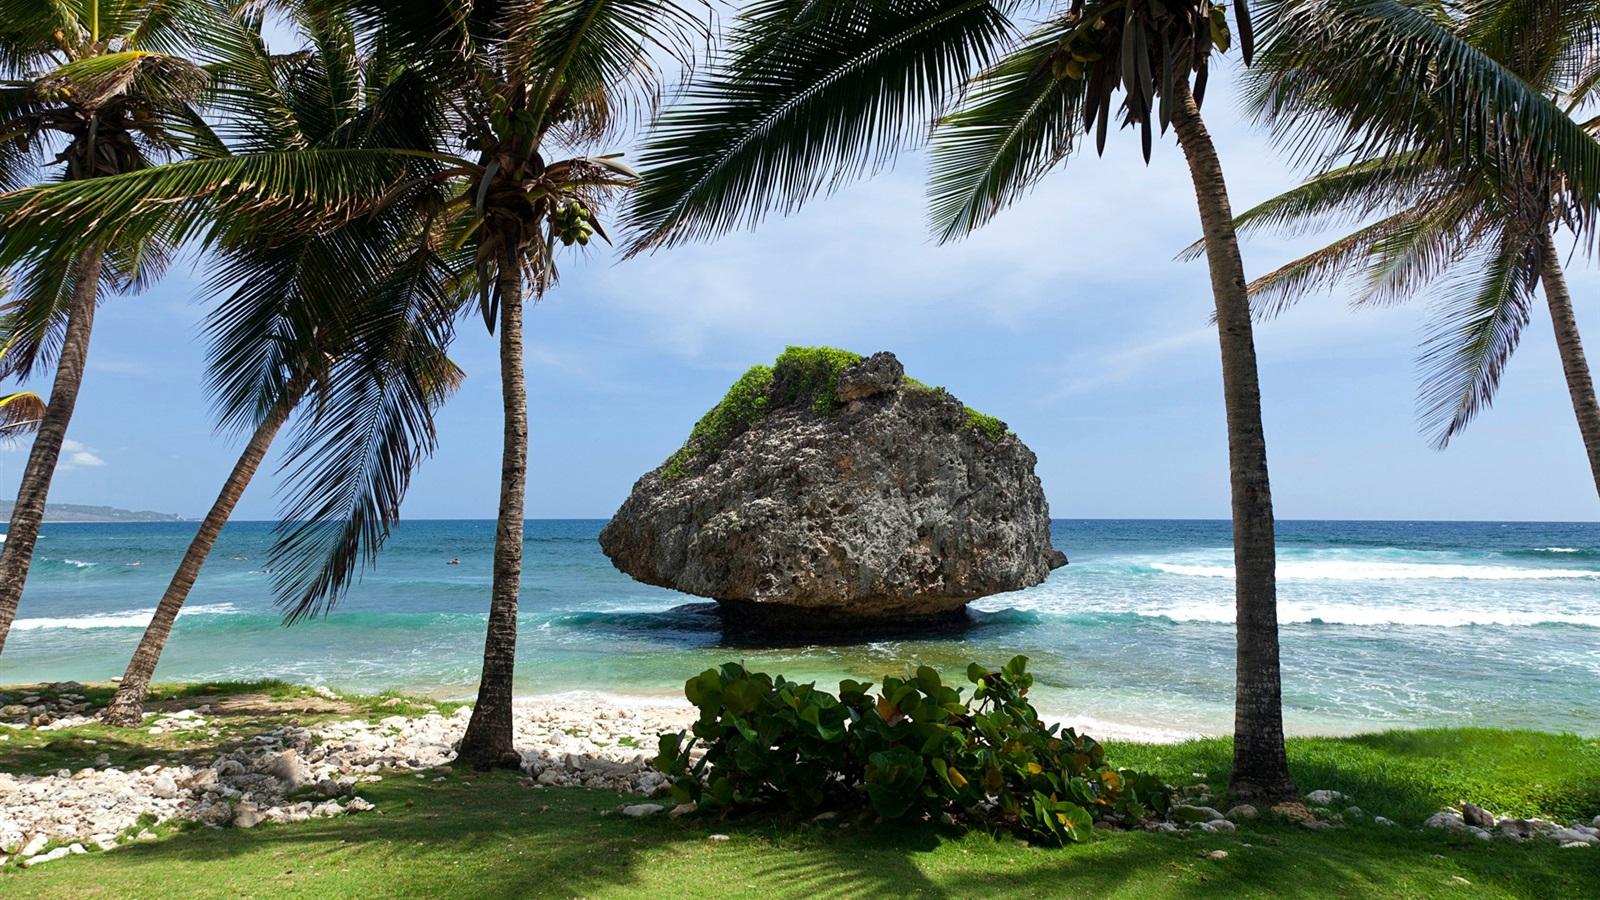 hintergrundbilder beschreibung tropische landschaft - photo #30